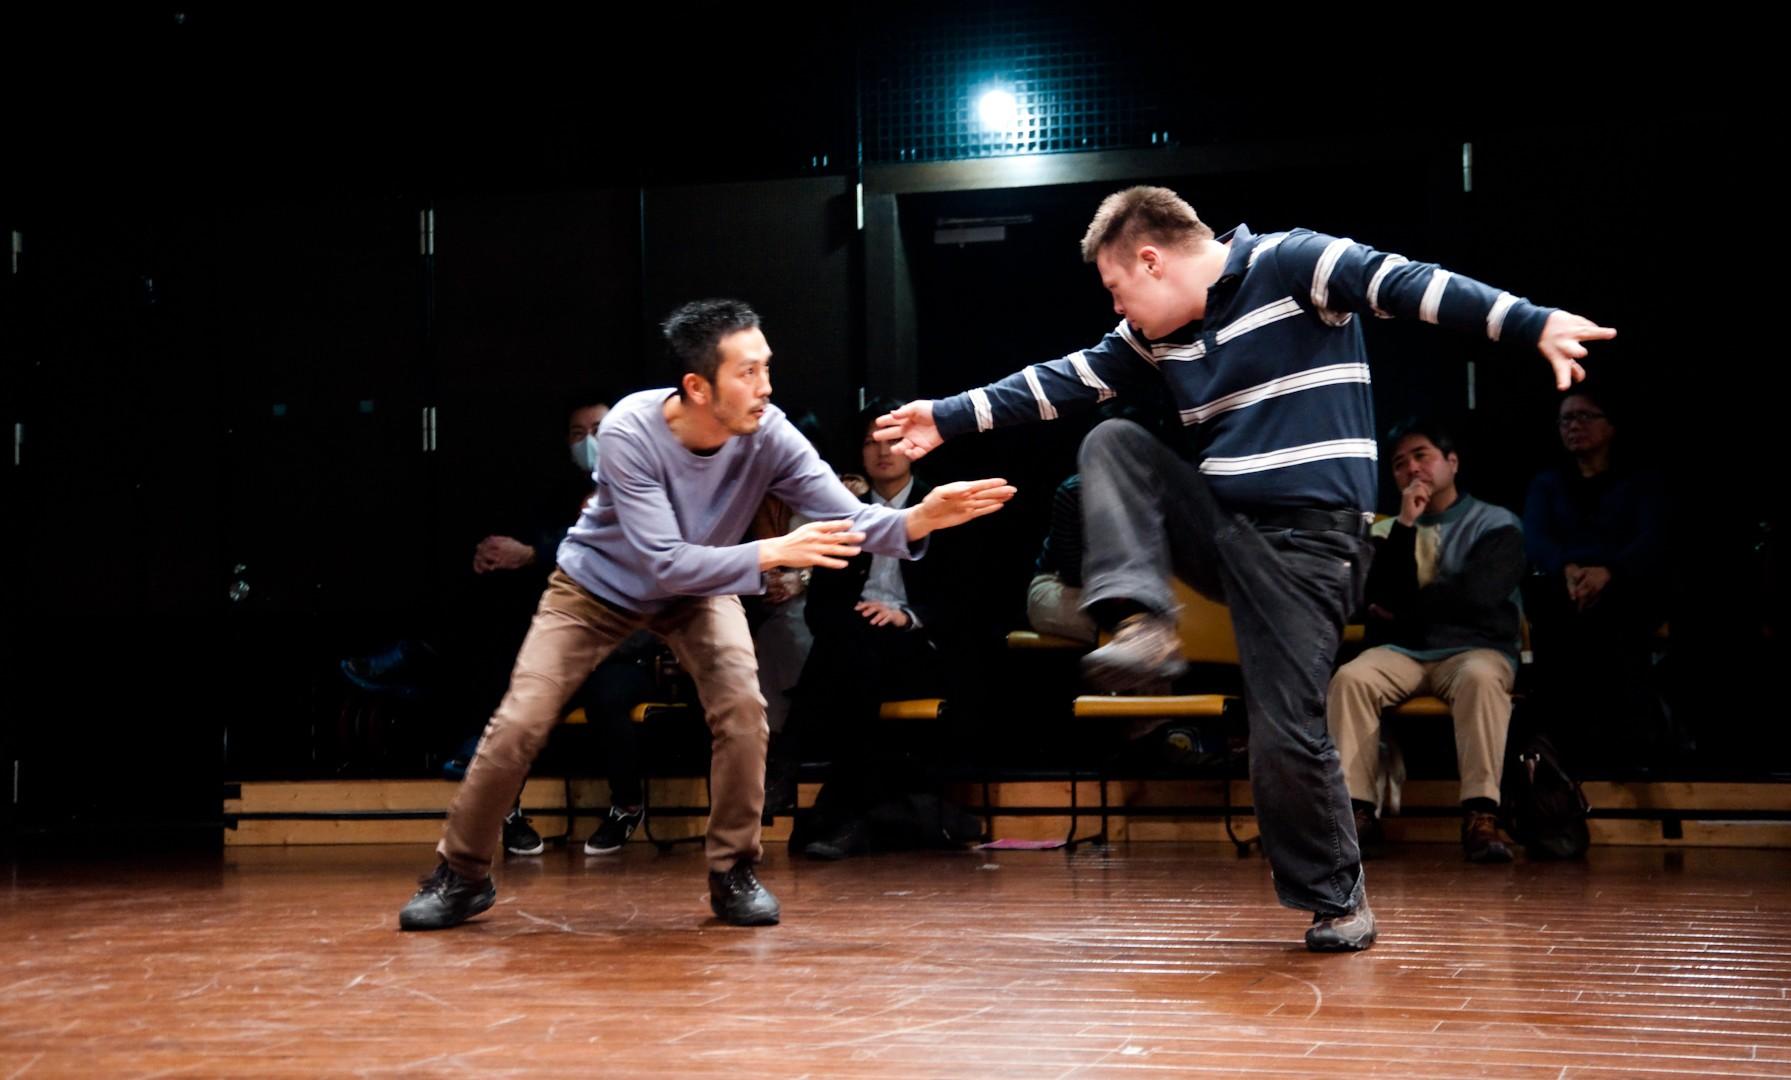 Szenenfoto einer Aufführung: Zwei Männer in Alltagskleidung tanzen.